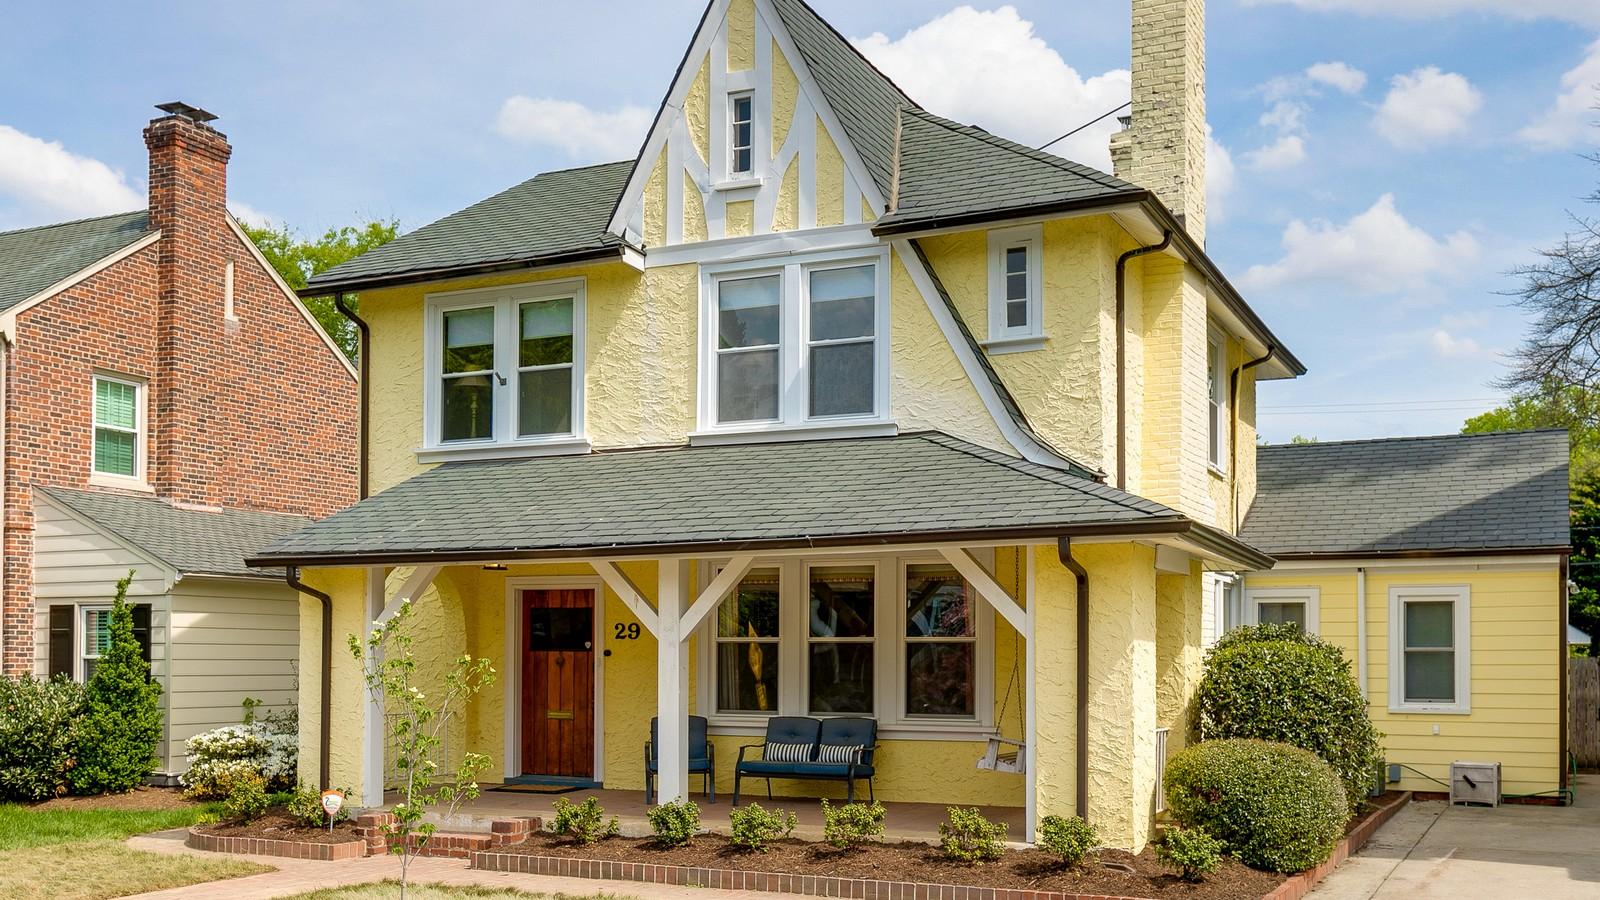 獨棟家庭住宅 為 出售 在 29 Lexington Road, Richmond 29 Lexington Rd Richmond, 弗吉尼亞州 23226 美國